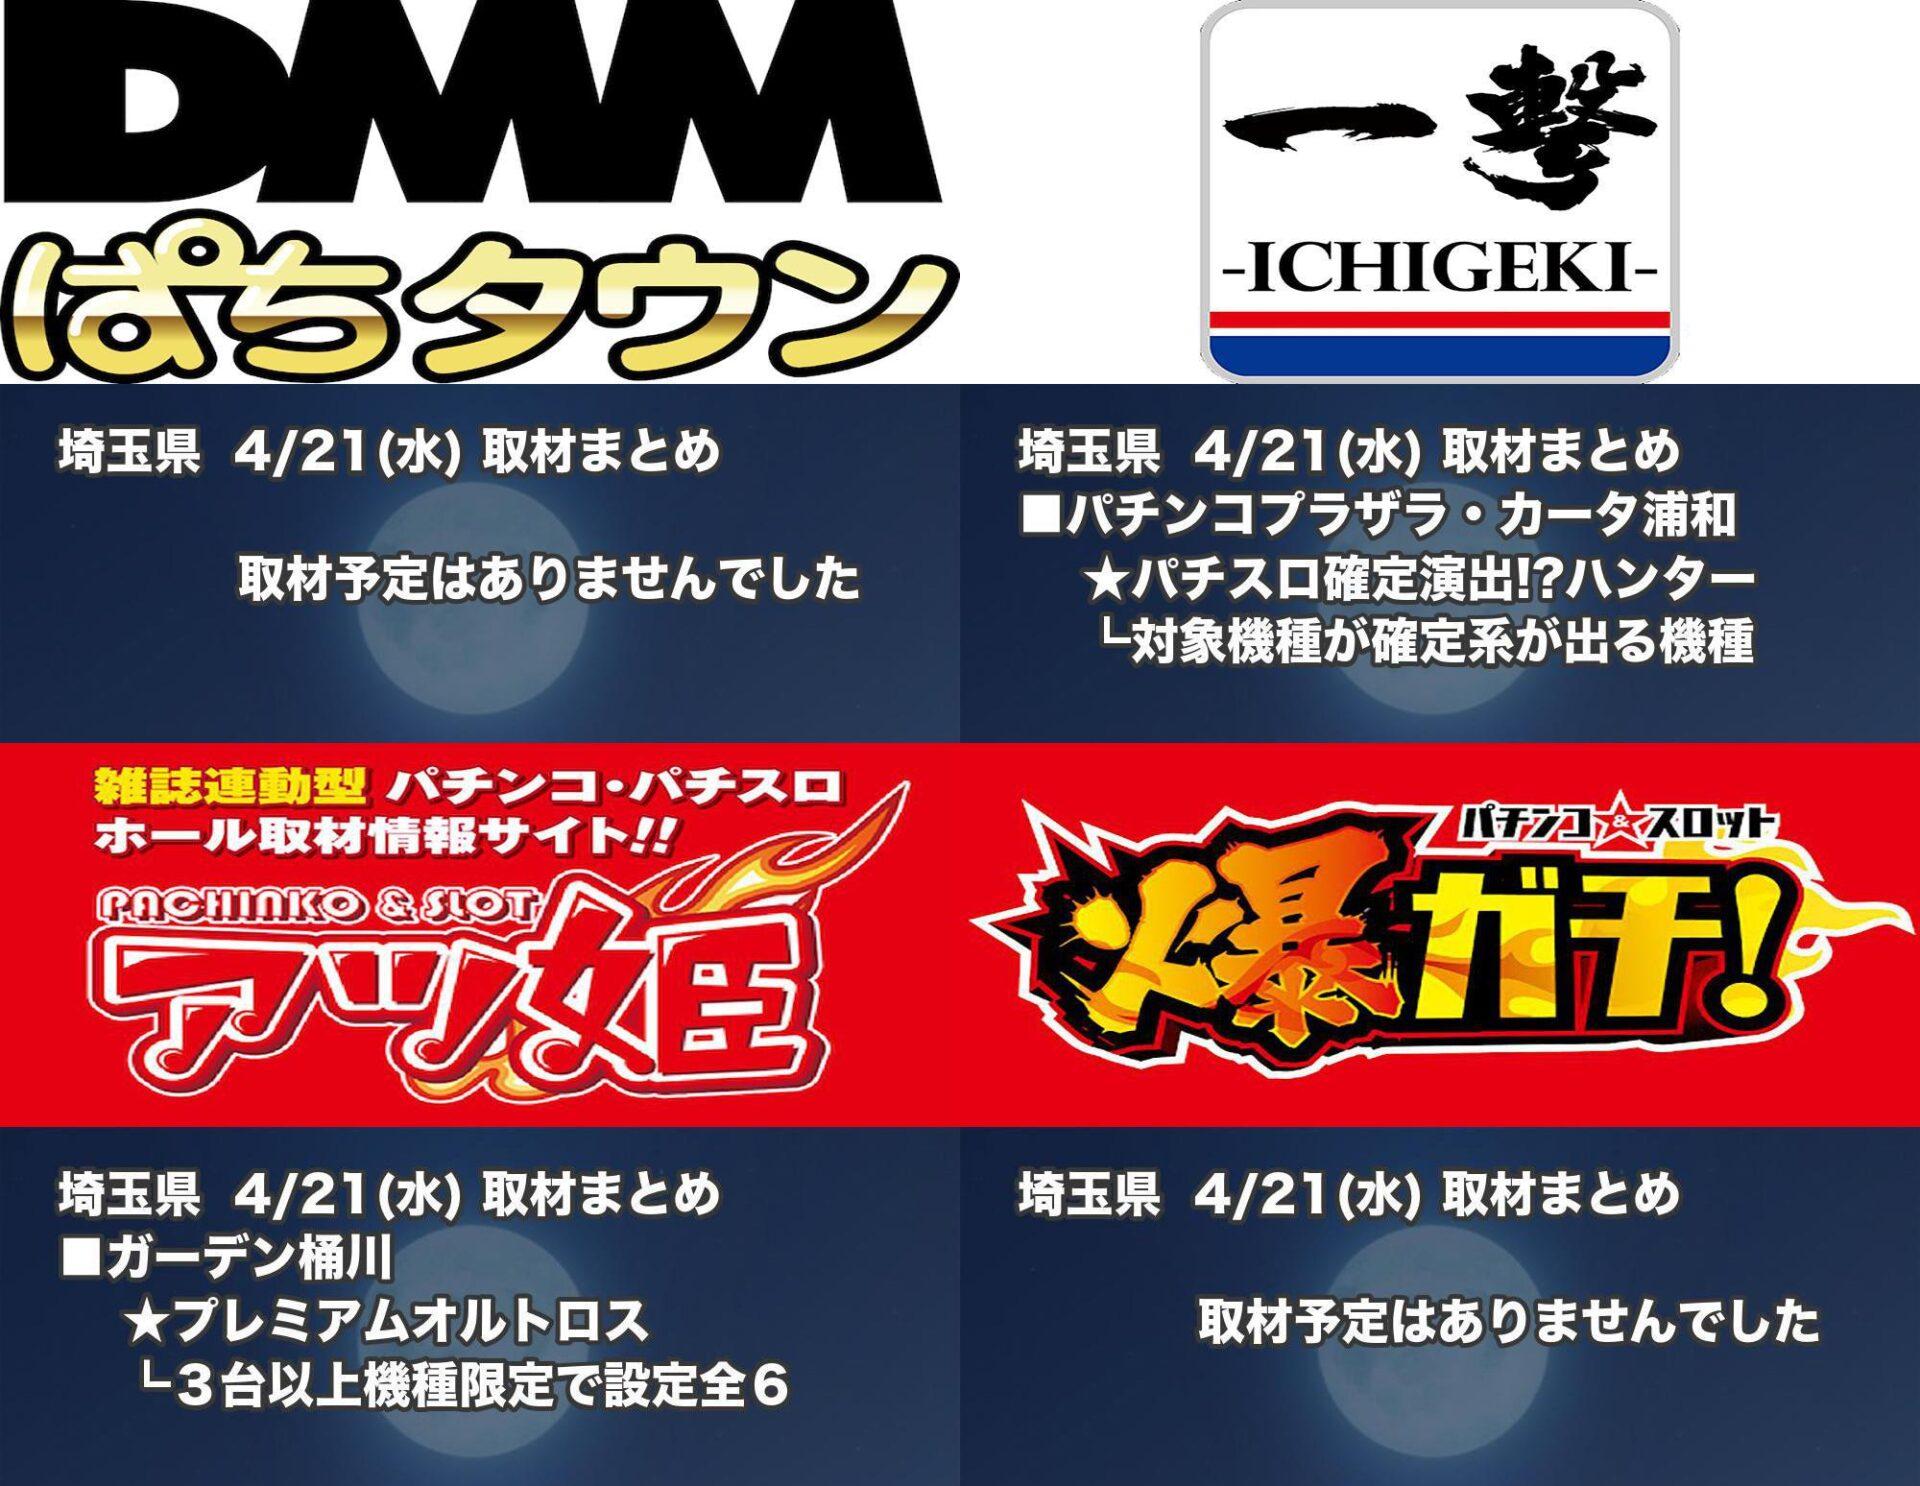 埼玉県_2021-04-21_パチンコ・パチスロ